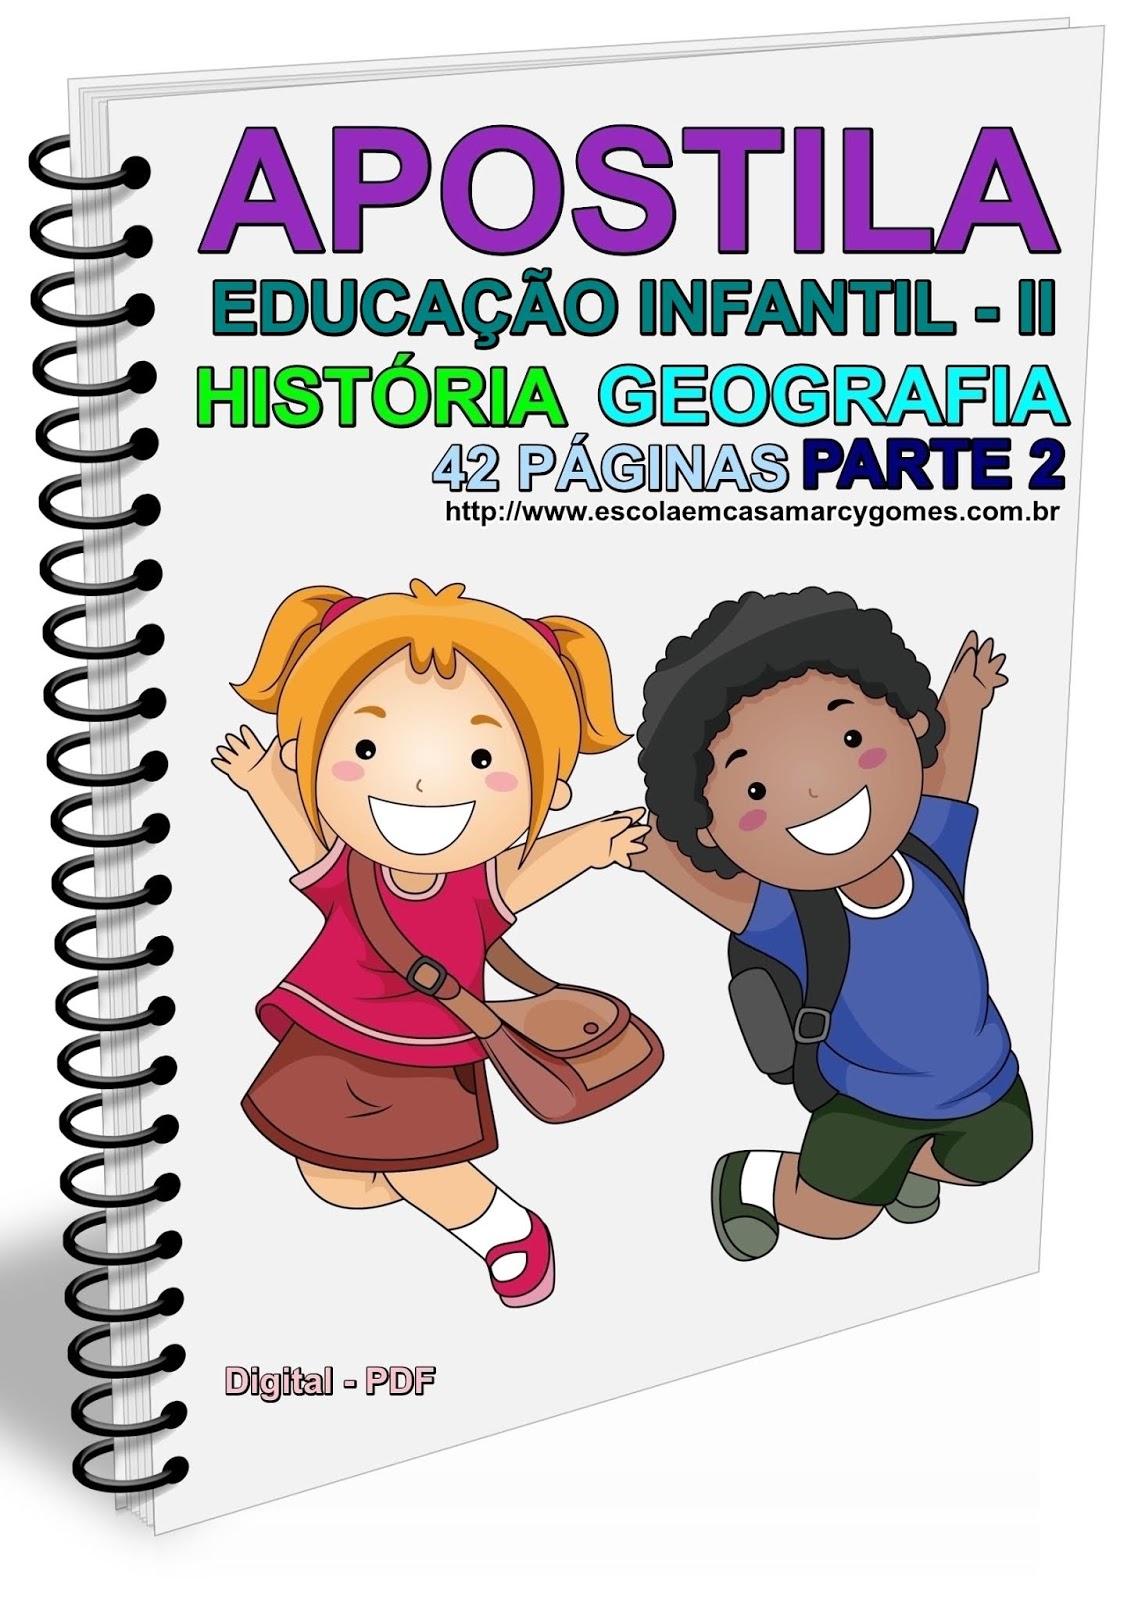 Apostila Educação Infantil Ii História E Geografia Parte 2